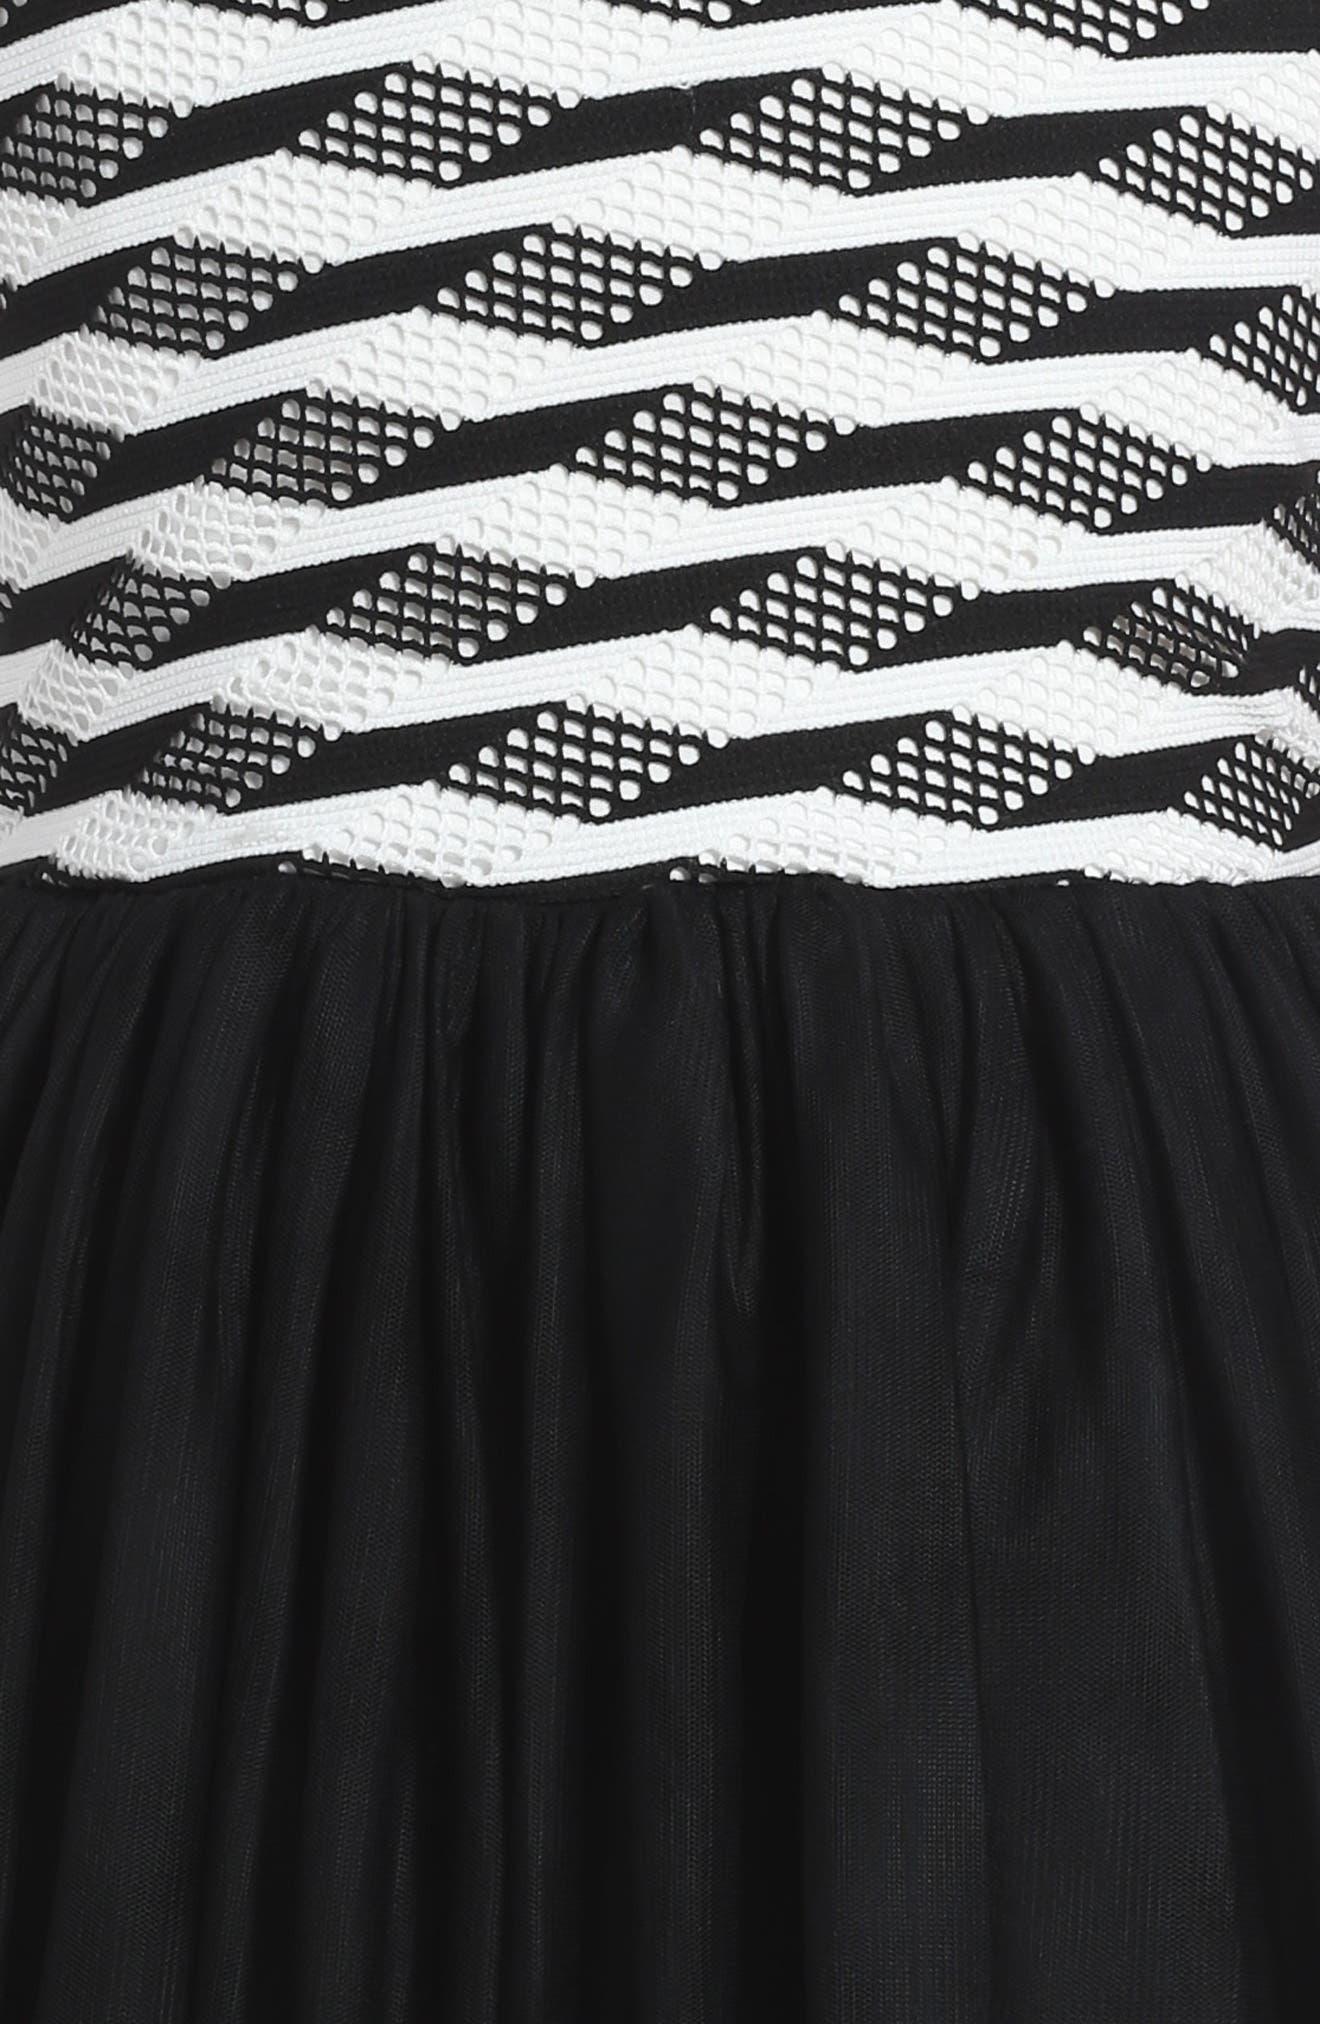 Stripe Tutu Dress,                             Alternate thumbnail 3, color,                             Black/ White